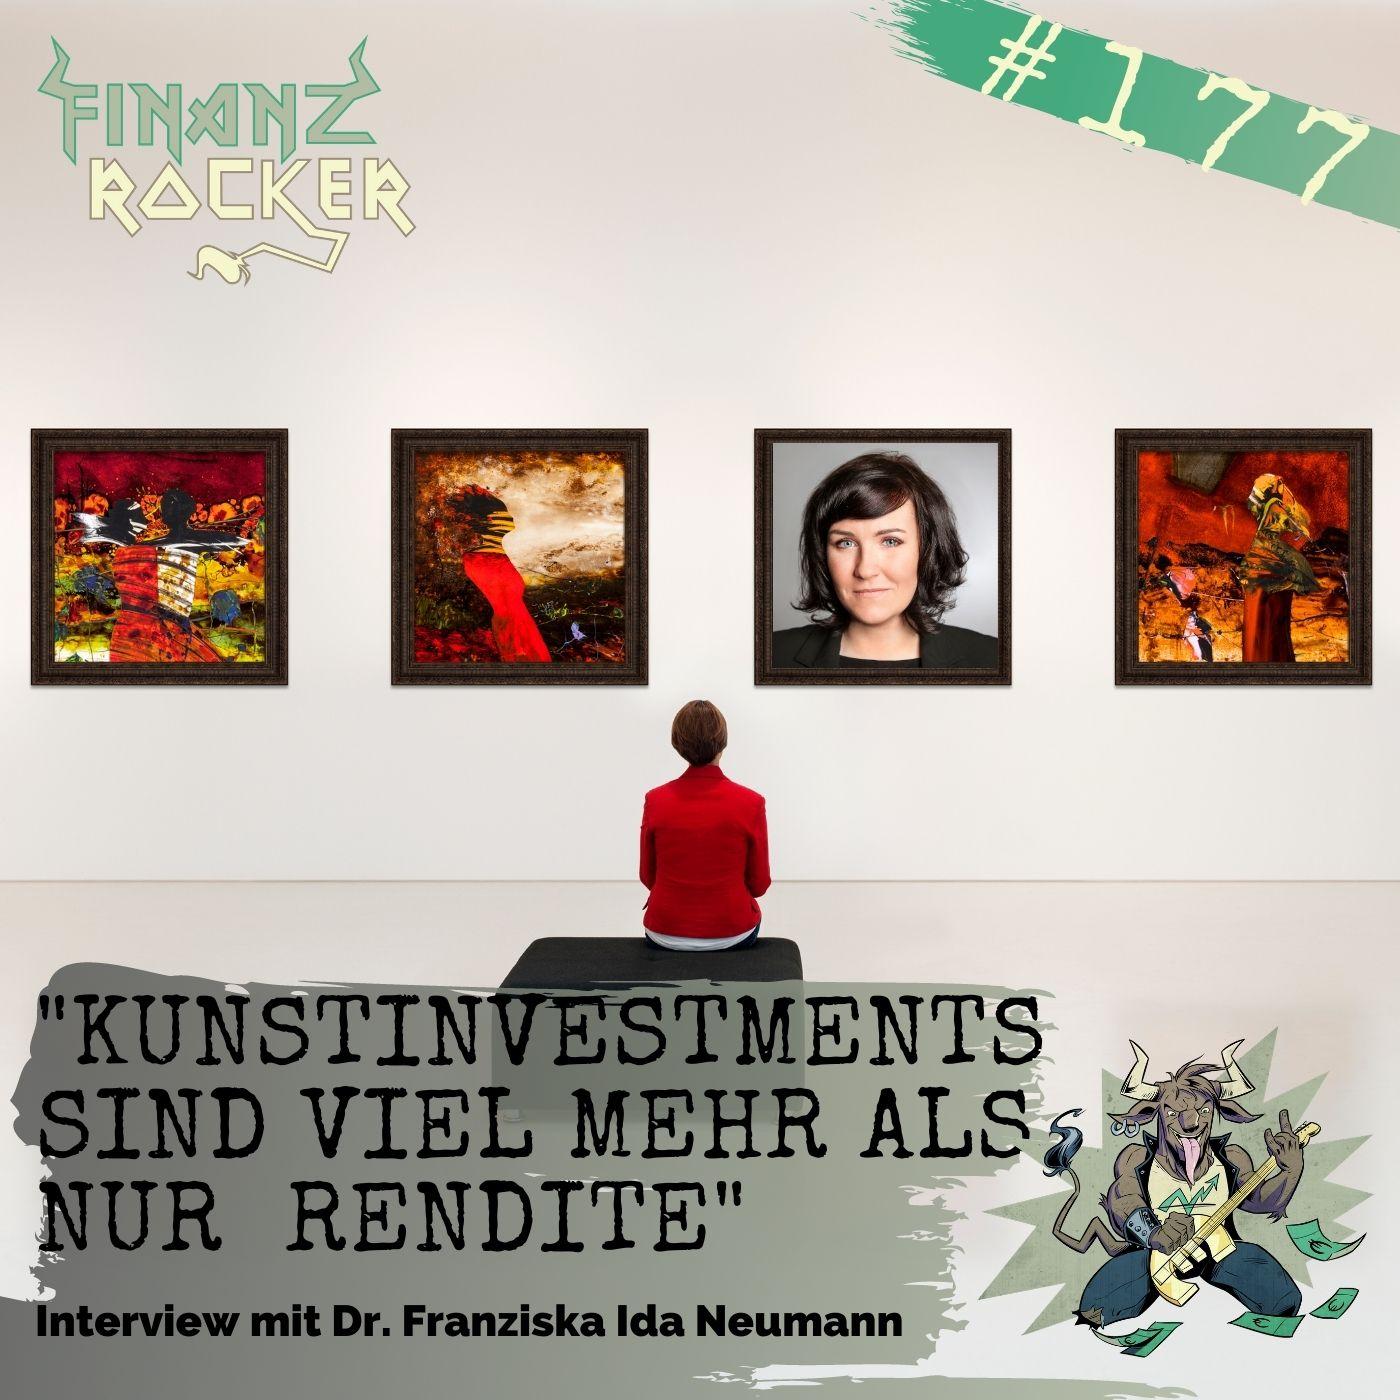 """Folge 177: """"Kunstinvestments sind viel mehr als nur Rendite!"""" - Interview mit Dr. Franziska Ida Neumann"""